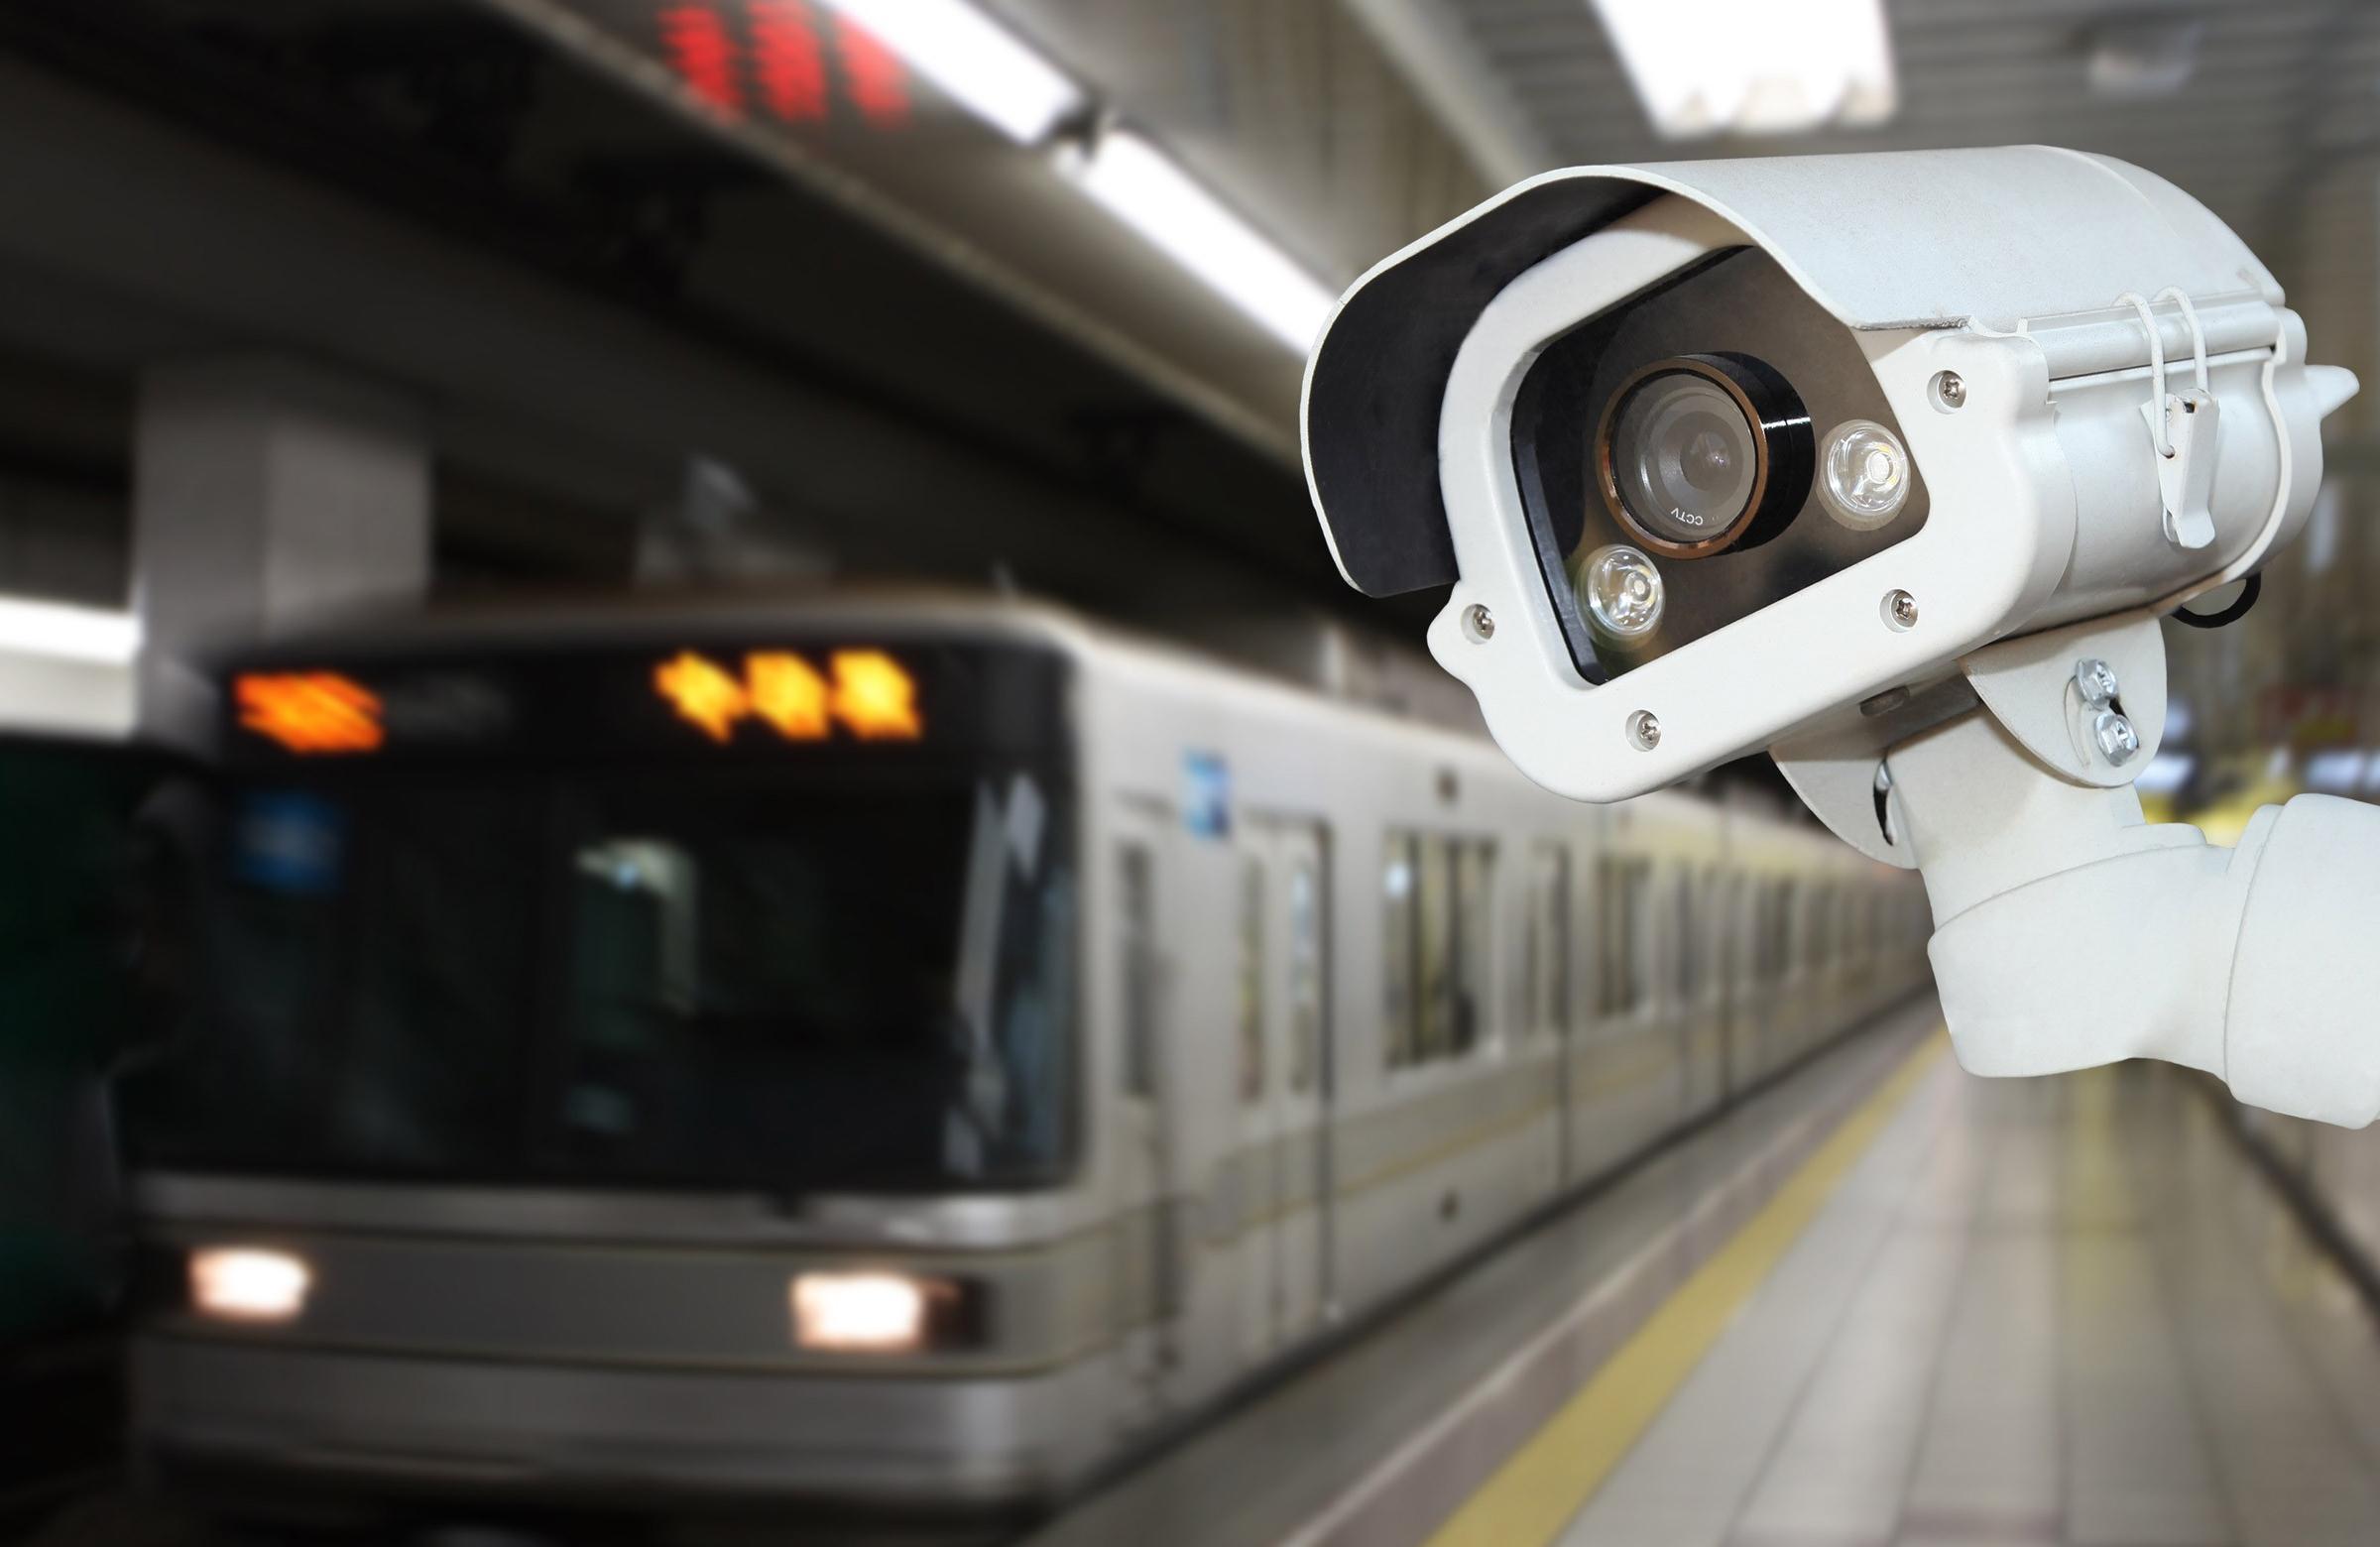 В метро Казани протестировали технологию распознавания лиц